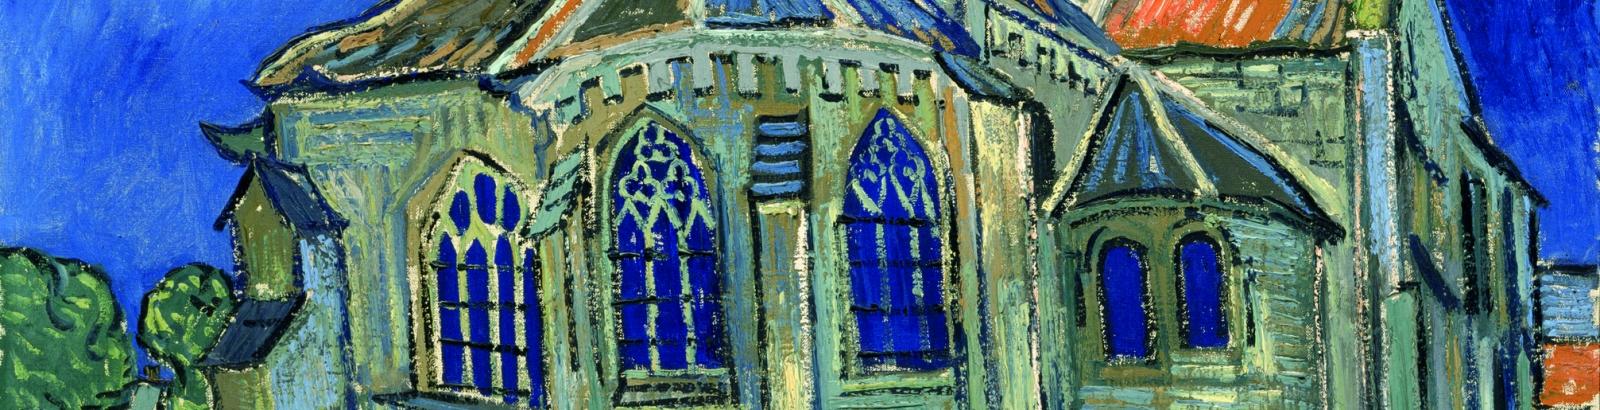 Tableau peint Eglise d'Auvers sur Oise par Van Gogh